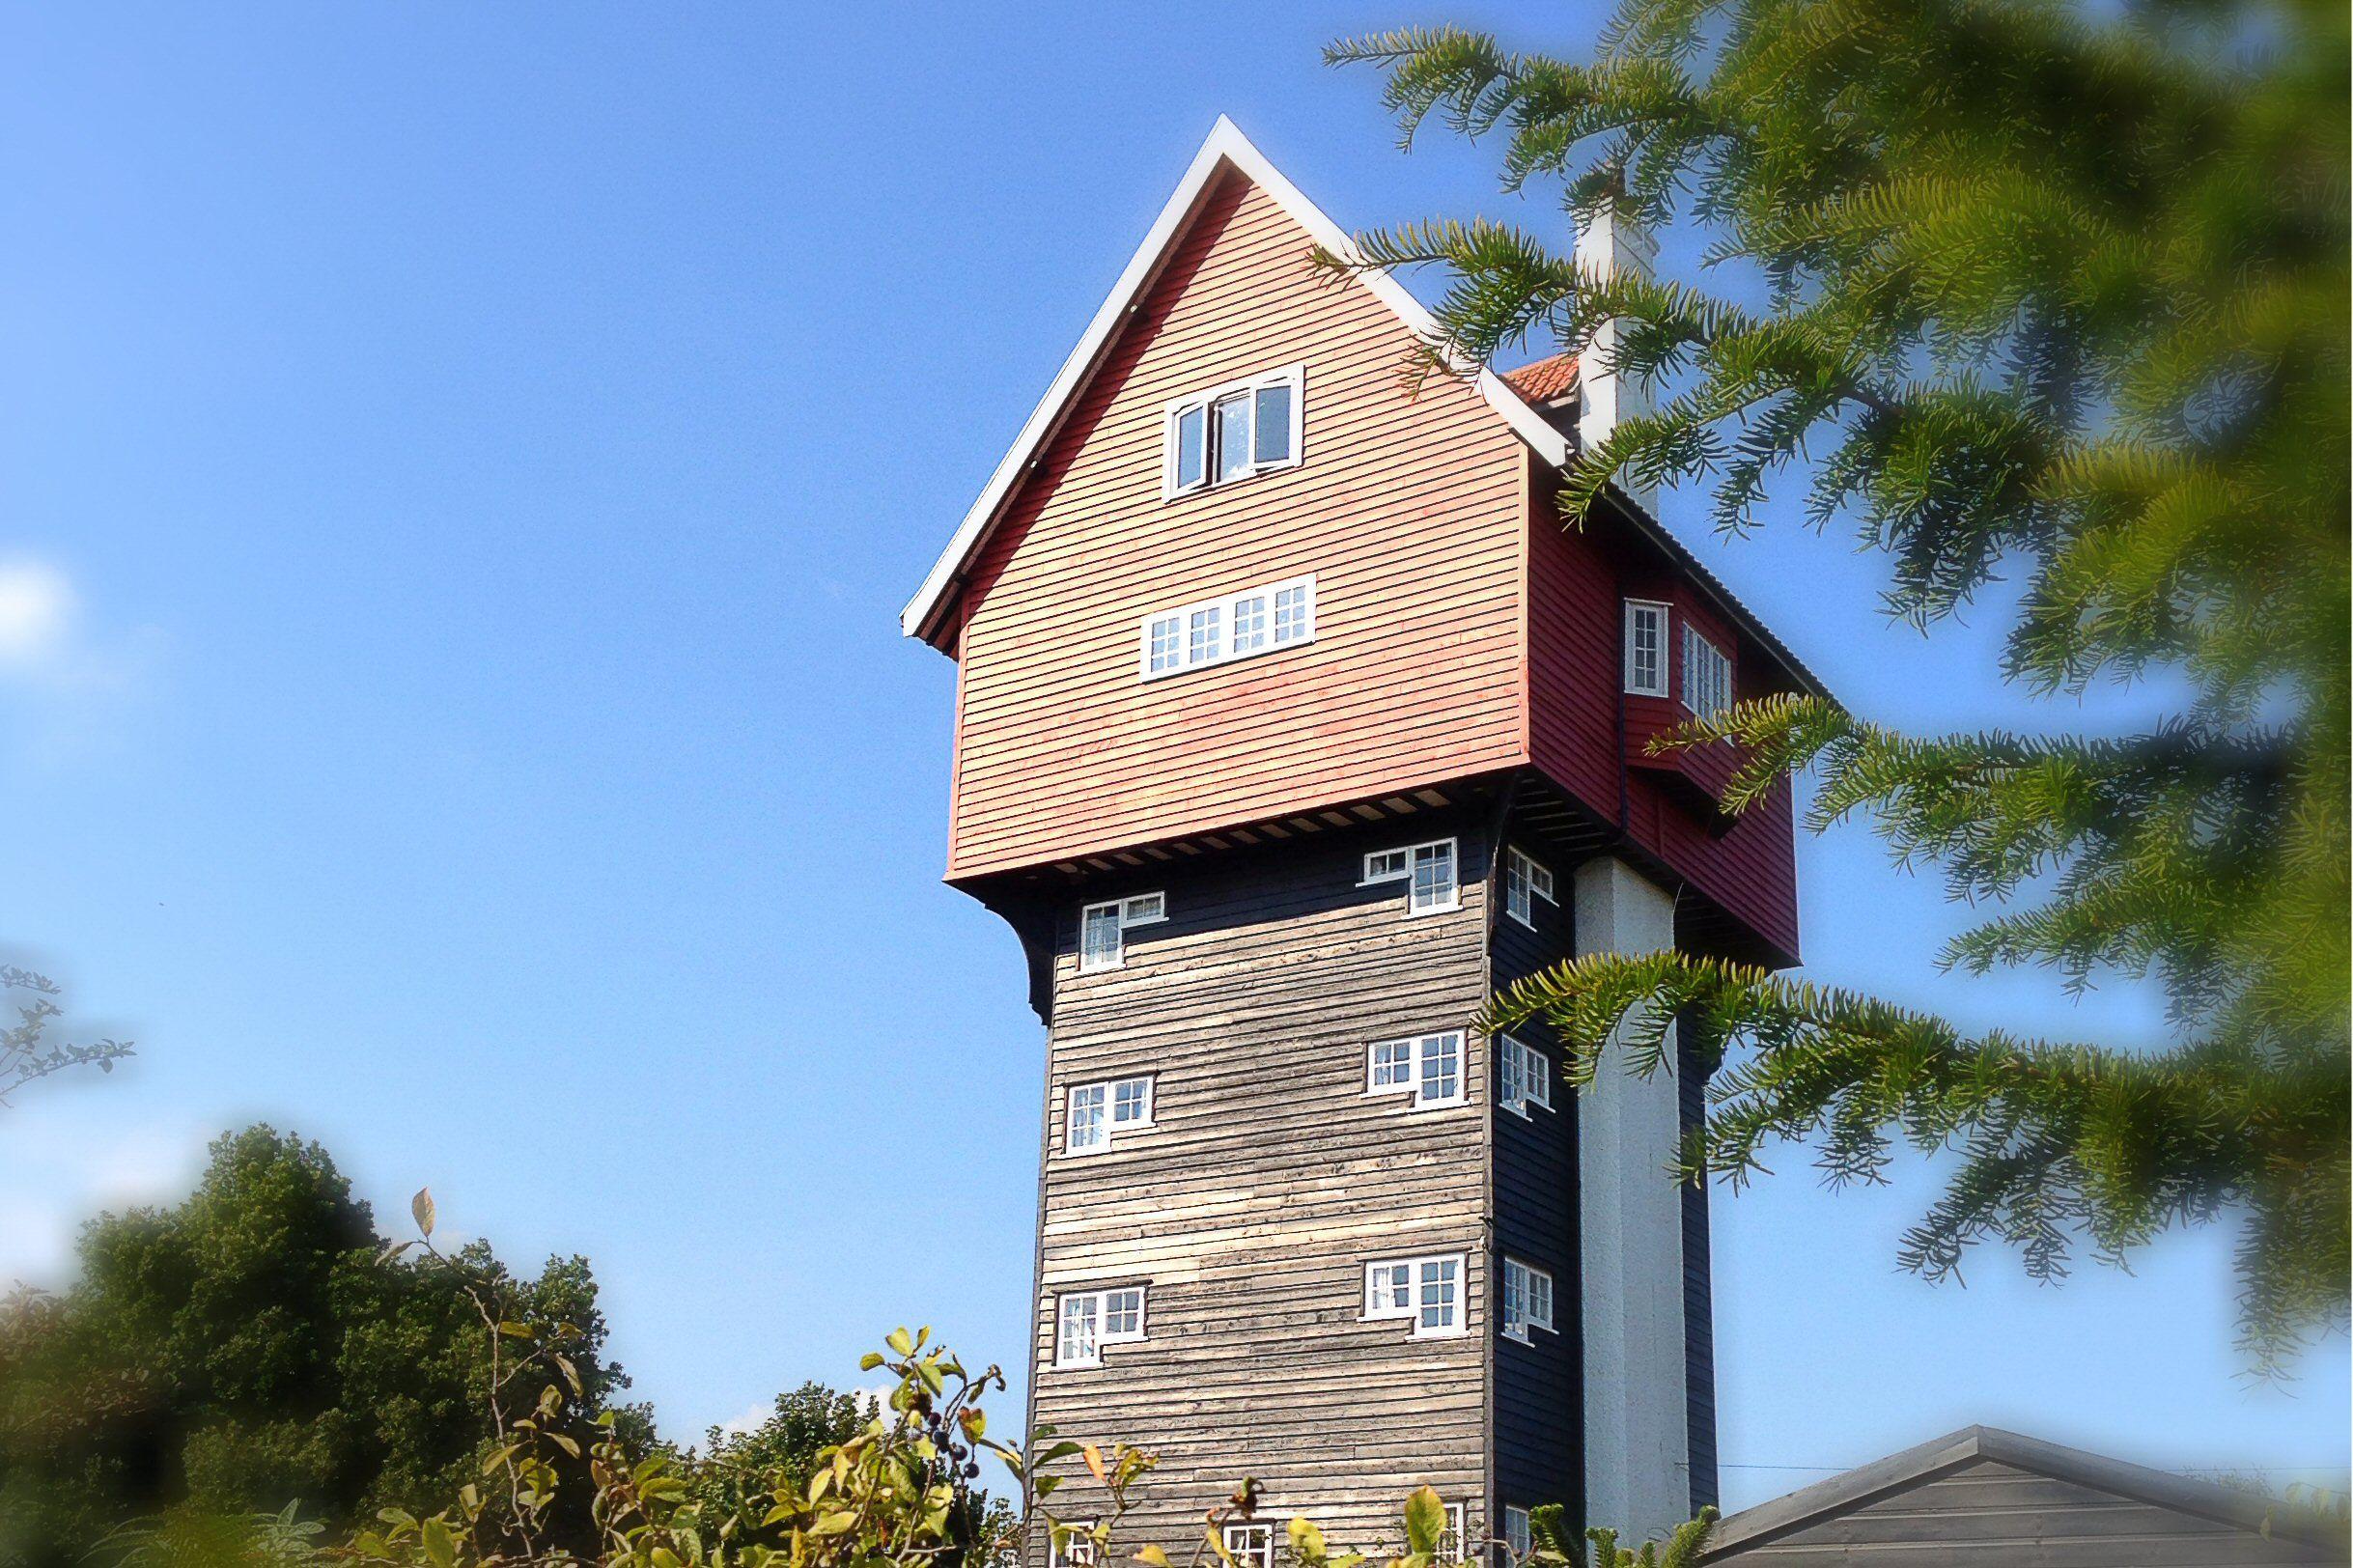 Casa de dos lados sobre una base de varios pisos